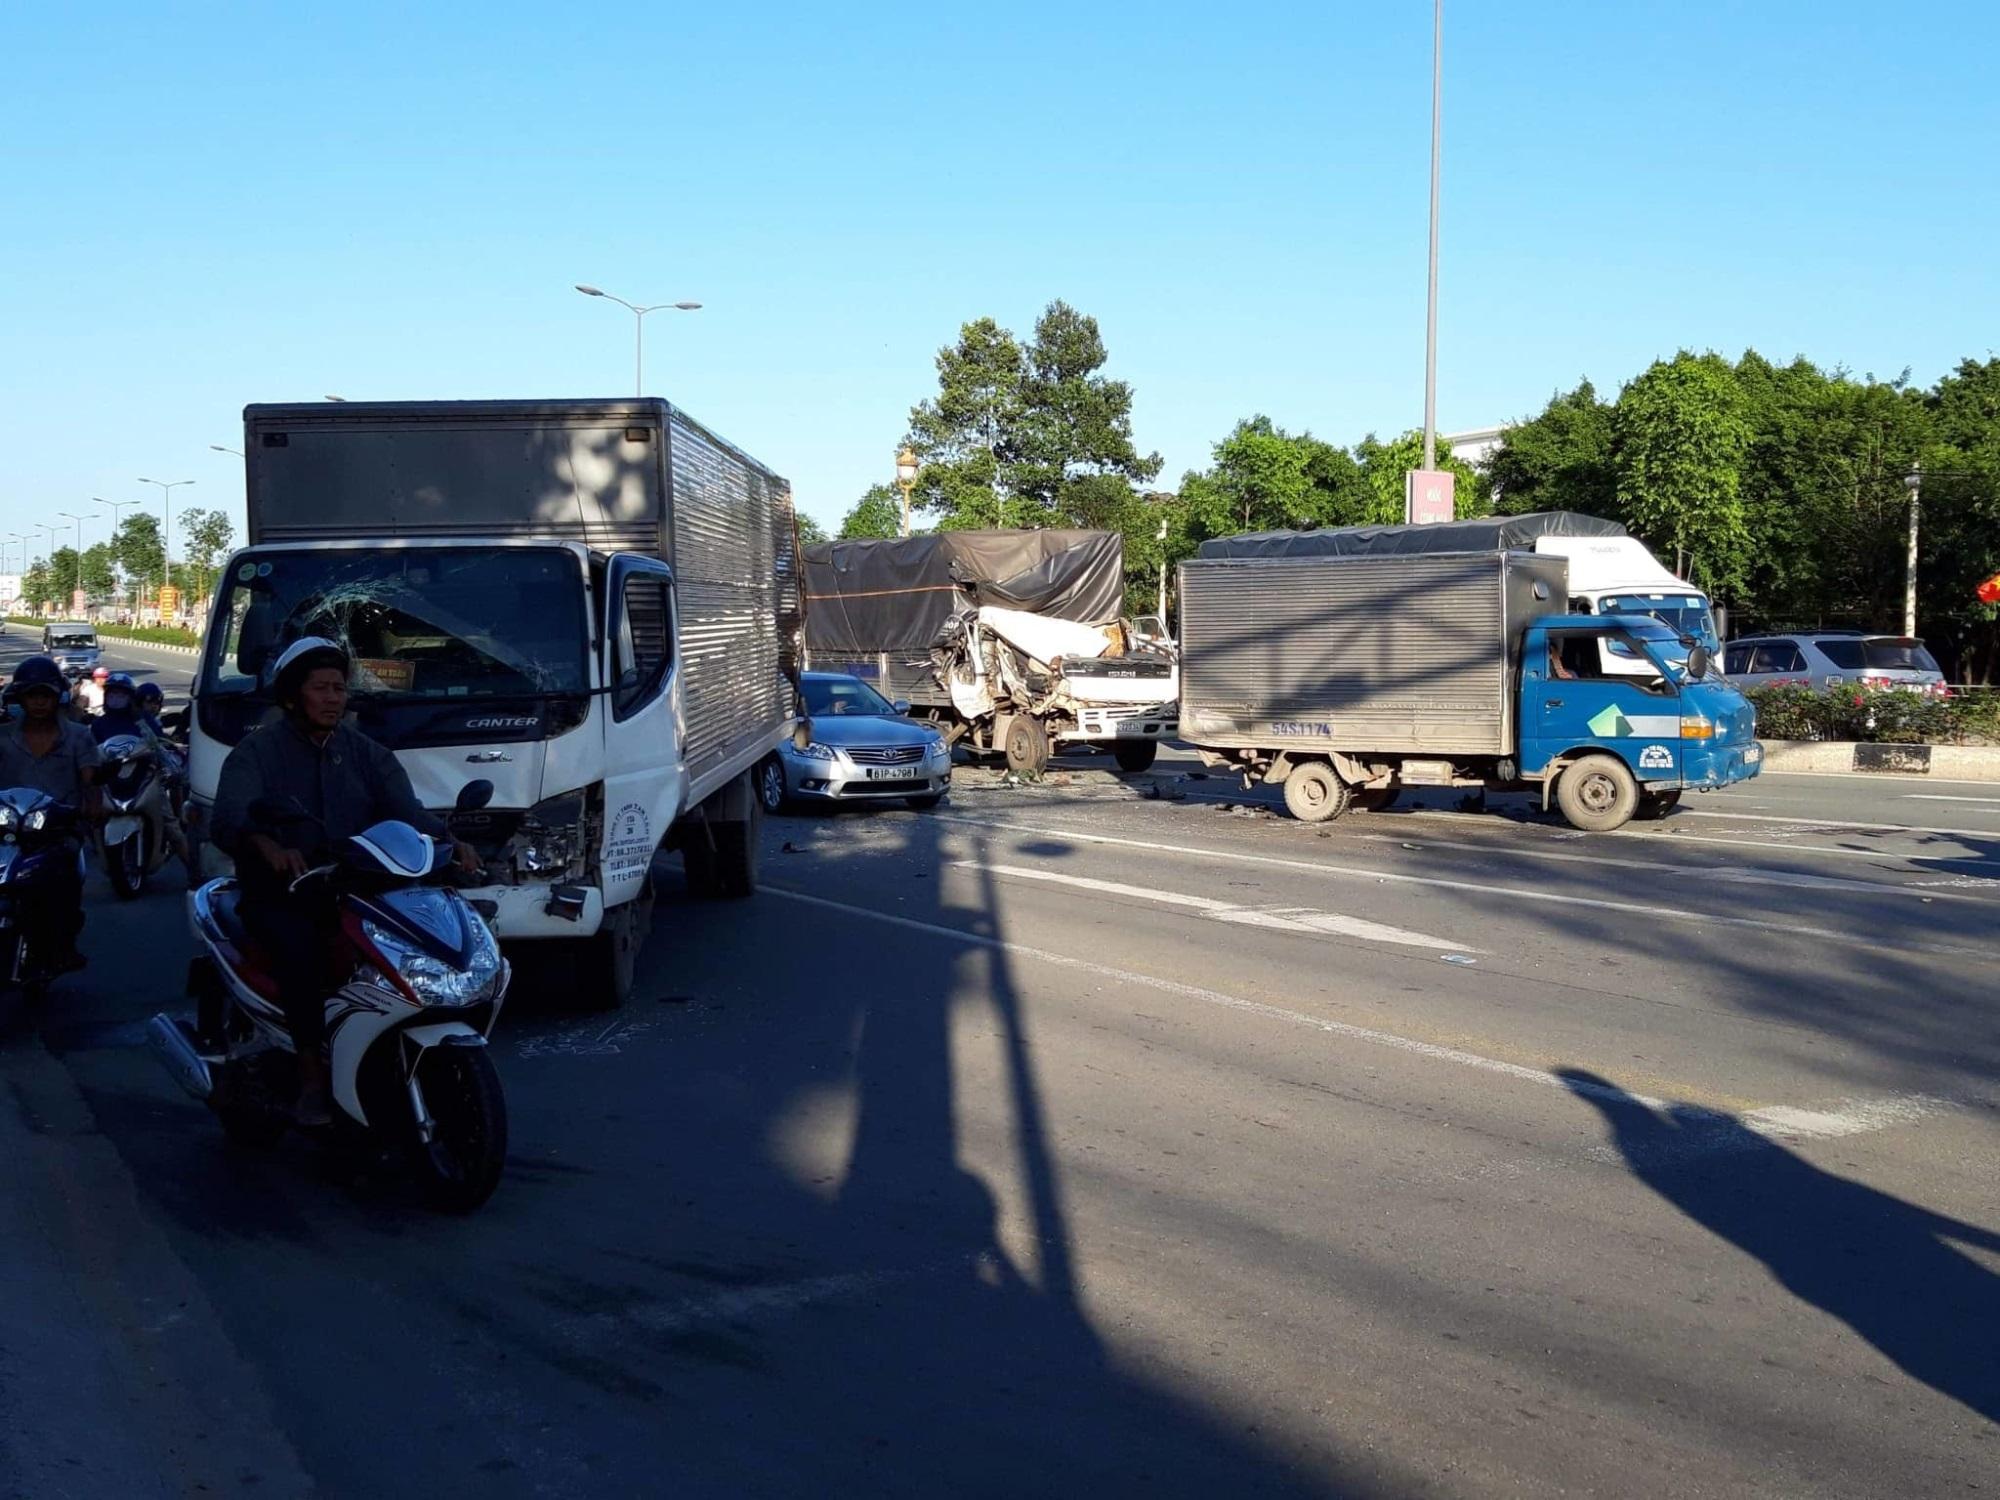 2 xe tải bị tông khi dừng đèn đỏ, nhiều người bị thương - Ảnh 1